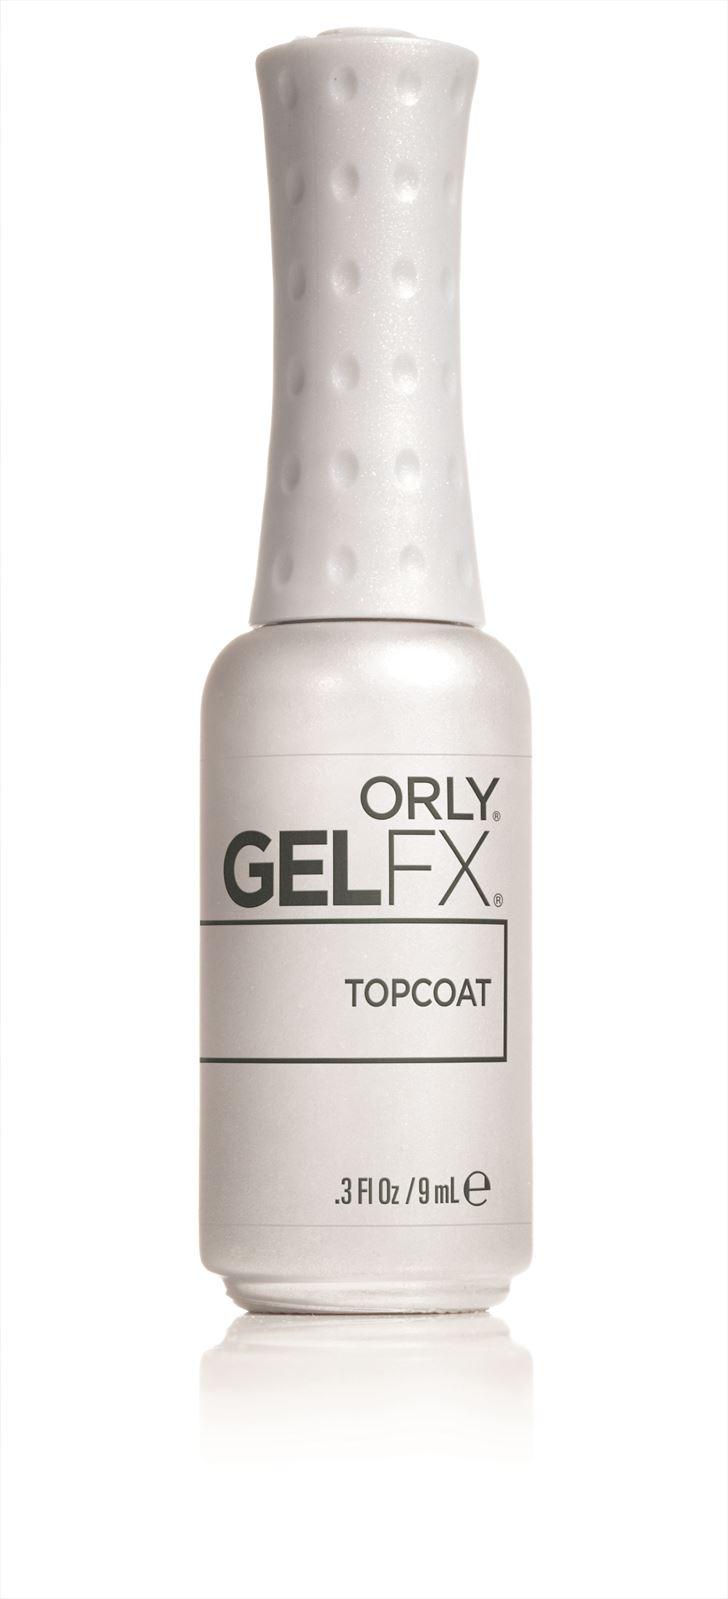 Afbeelding van ORLY - GELFX Topcoat 9ml